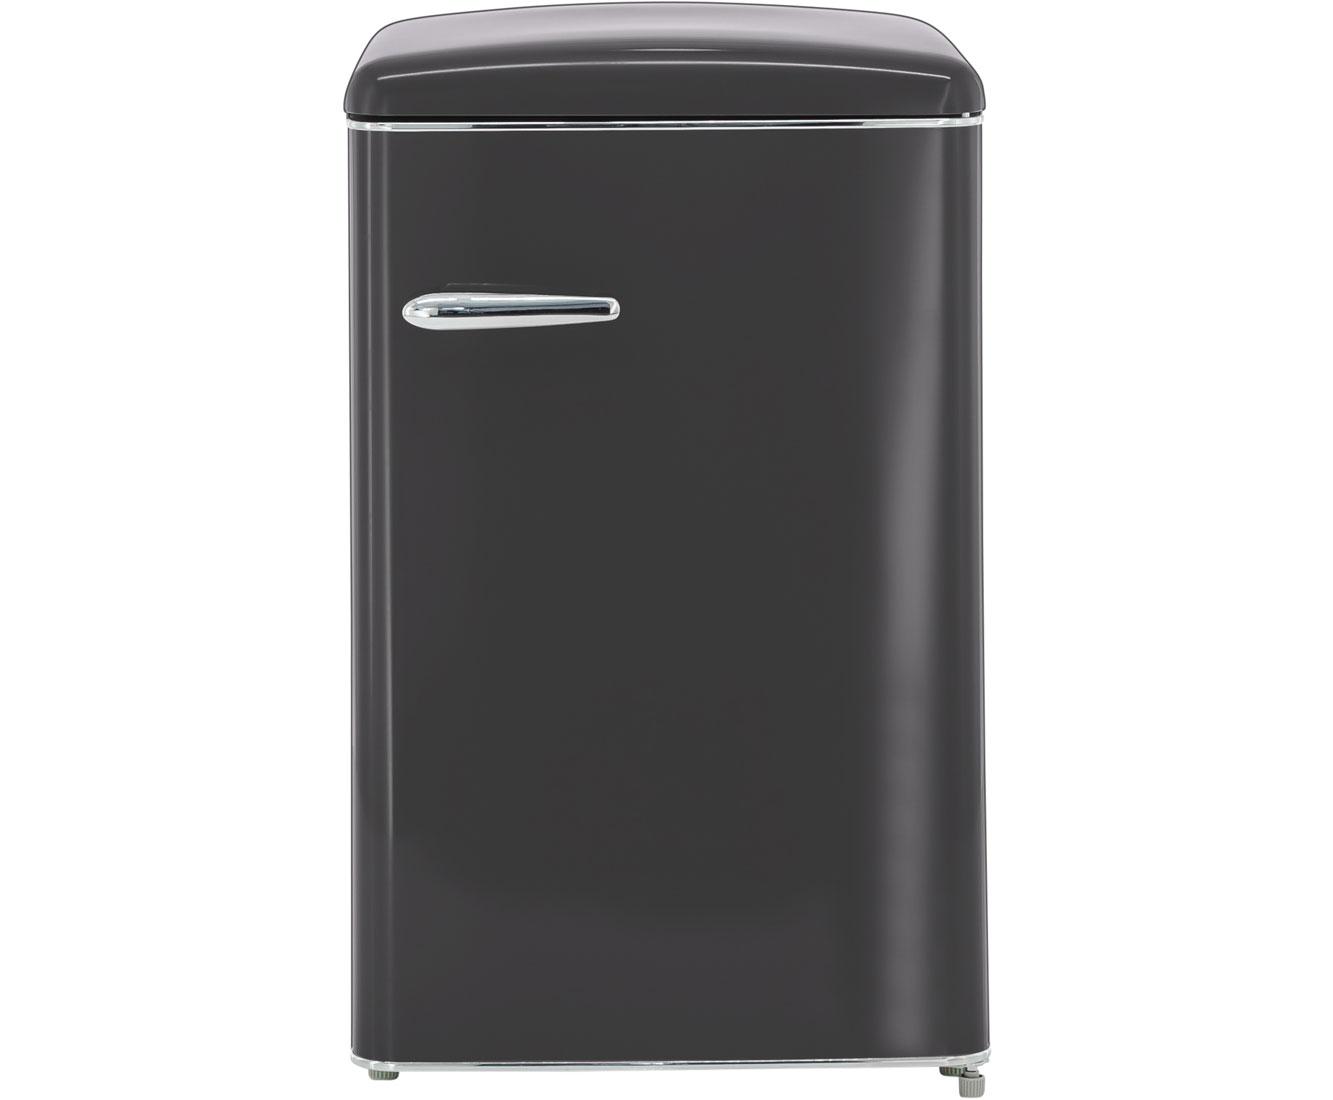 Kühlschrank Schwarz : Exquisit rks rva kühlschrank matt schwarz retro design